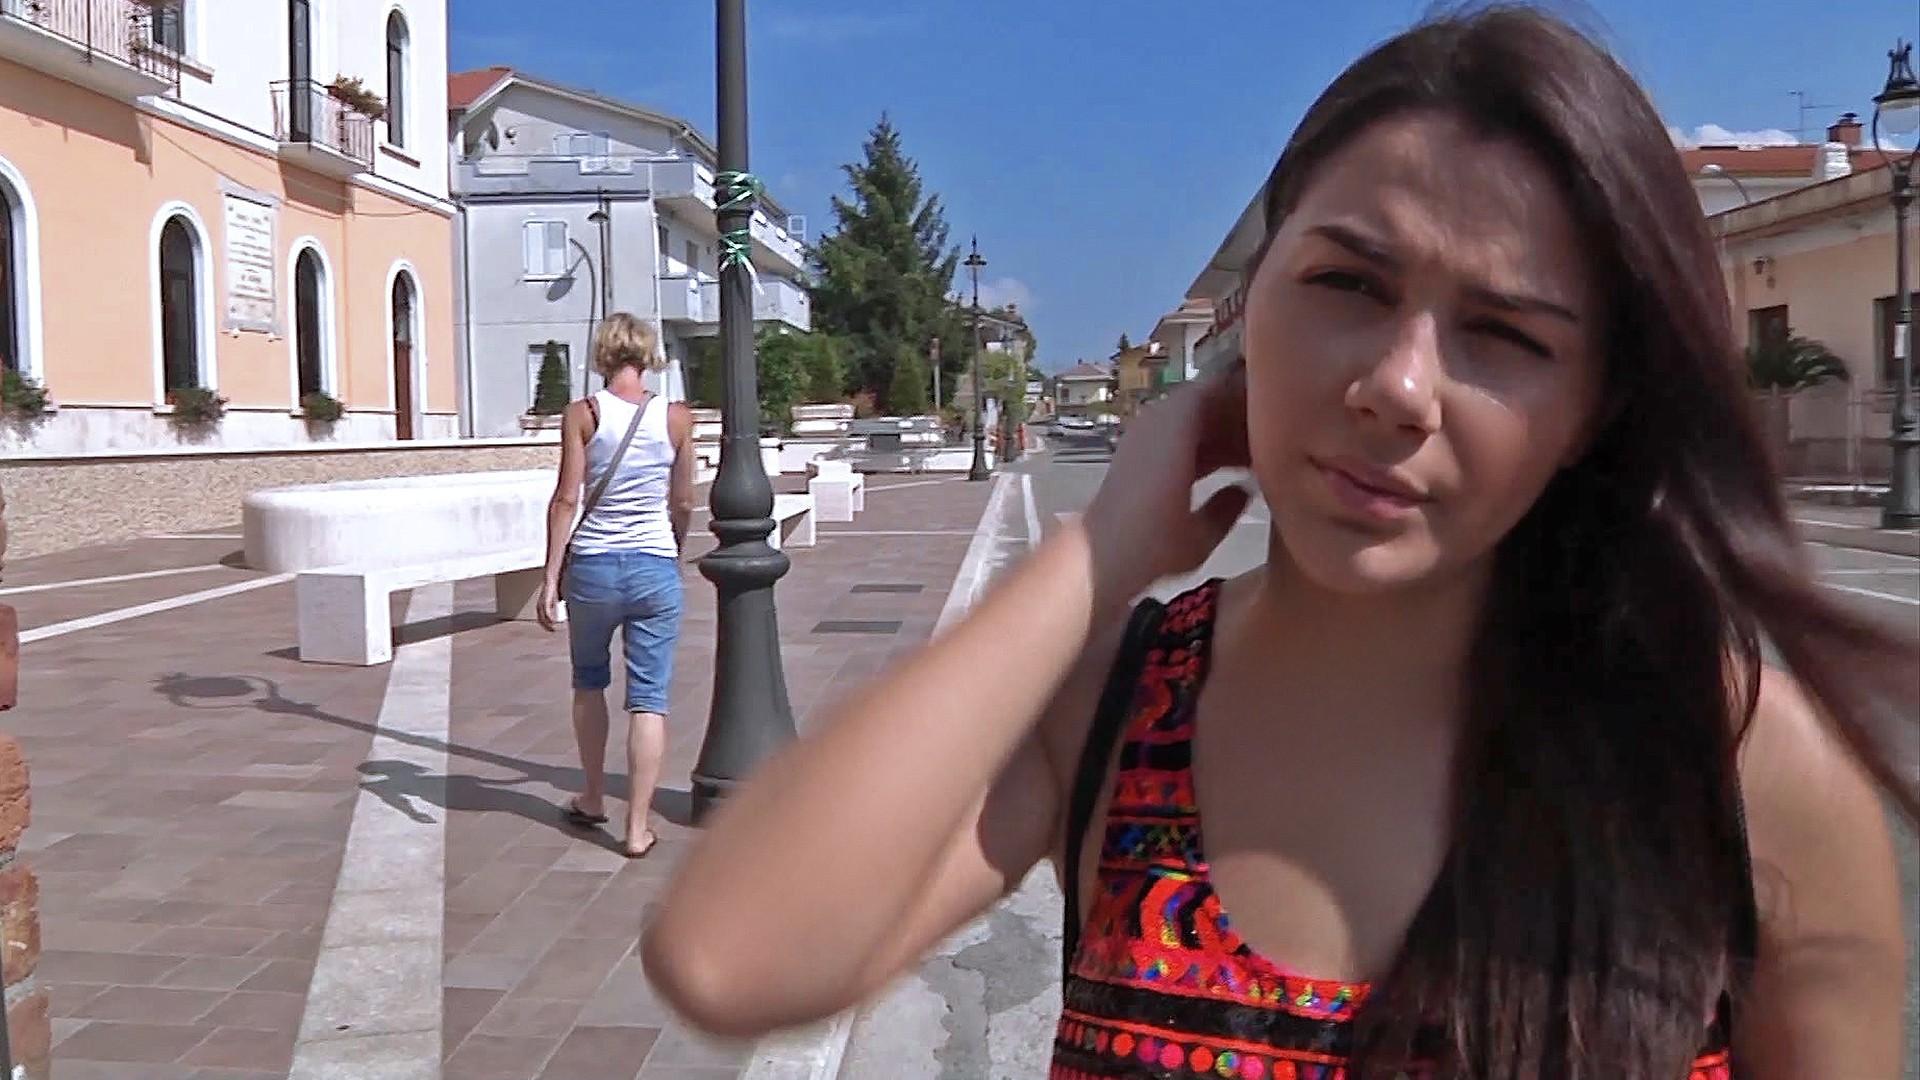 Italian Girl Fucks Bro - Public Pickups